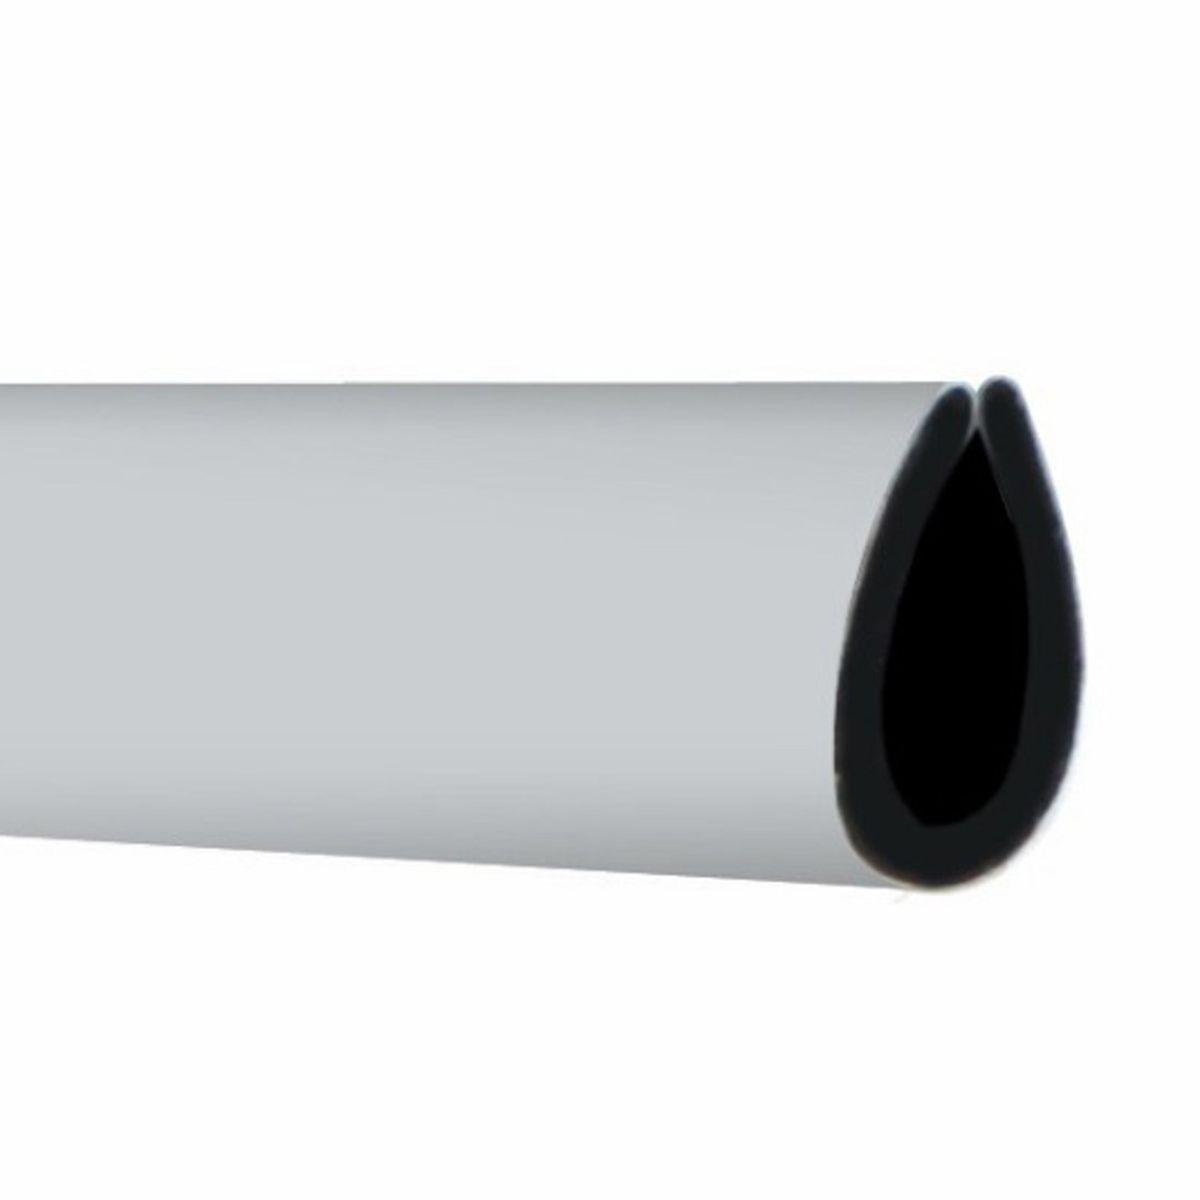 Tira Moldura Cromada Prata Forma U 4 m Decoração Interior ou Exterior Carro